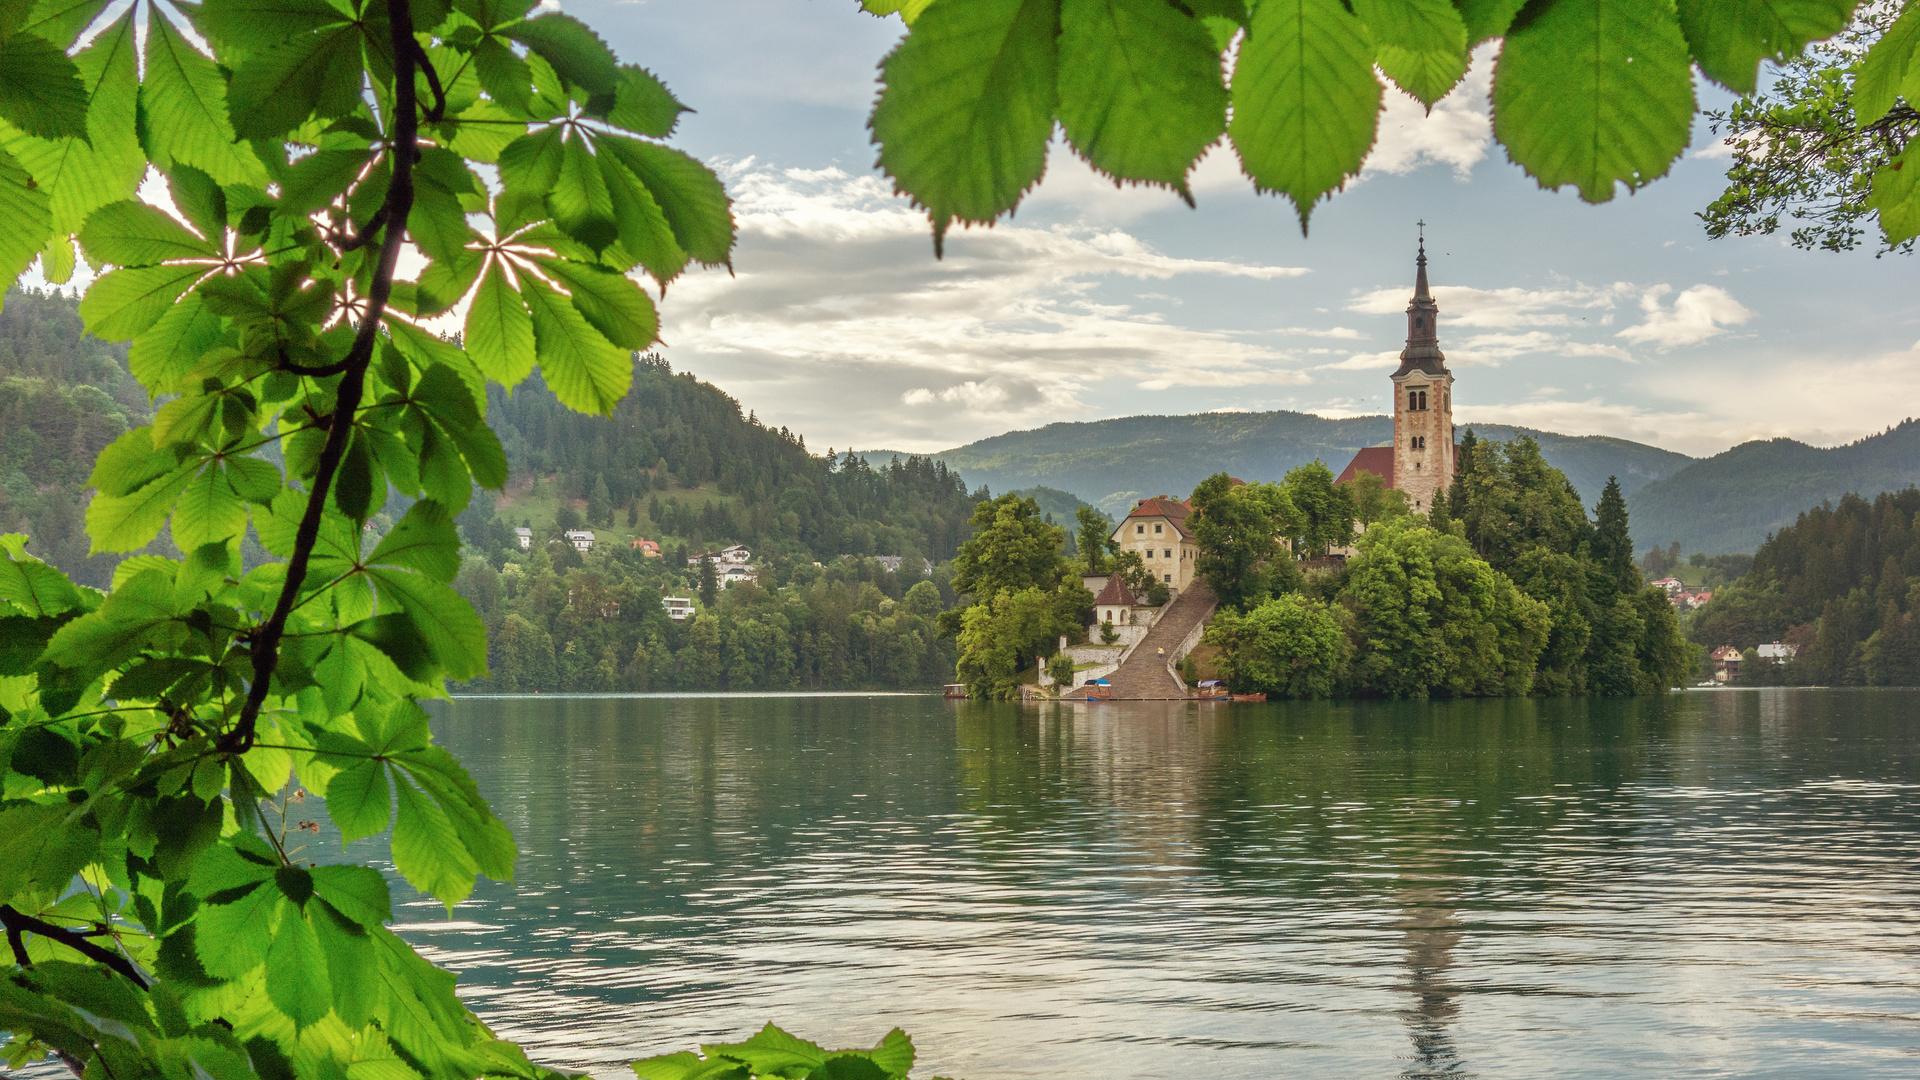 природа, пейзаж, словения, горы, озеро, блед, островок, дерево, ветка, листья, каштан